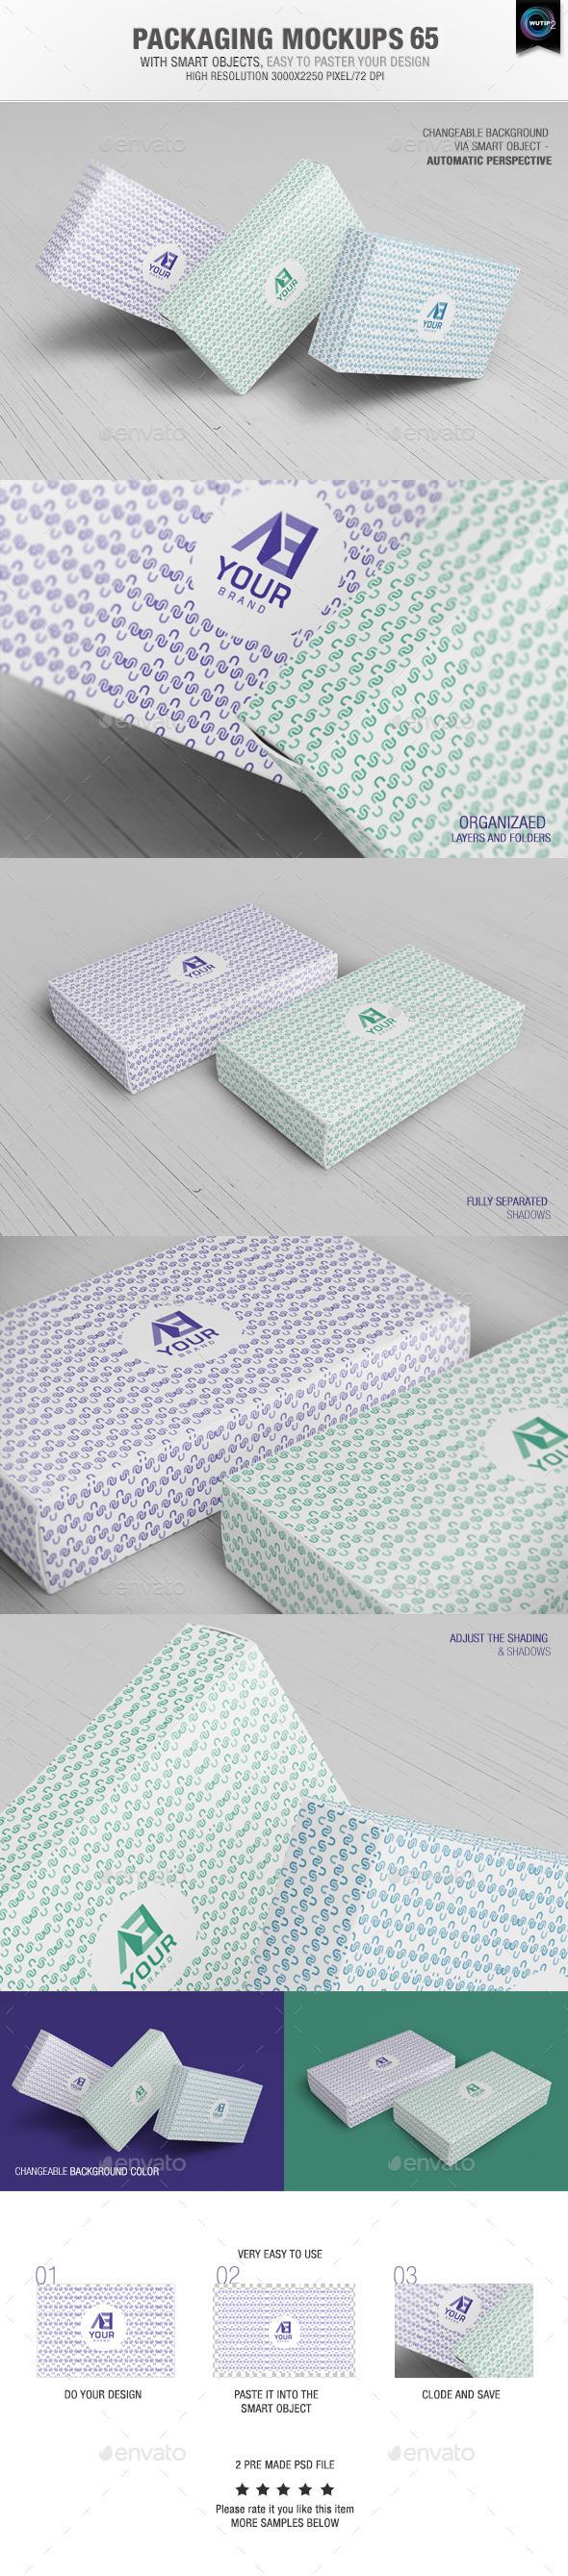 Packaging Mock-ups 65 - Packaging Product Mock-Ups